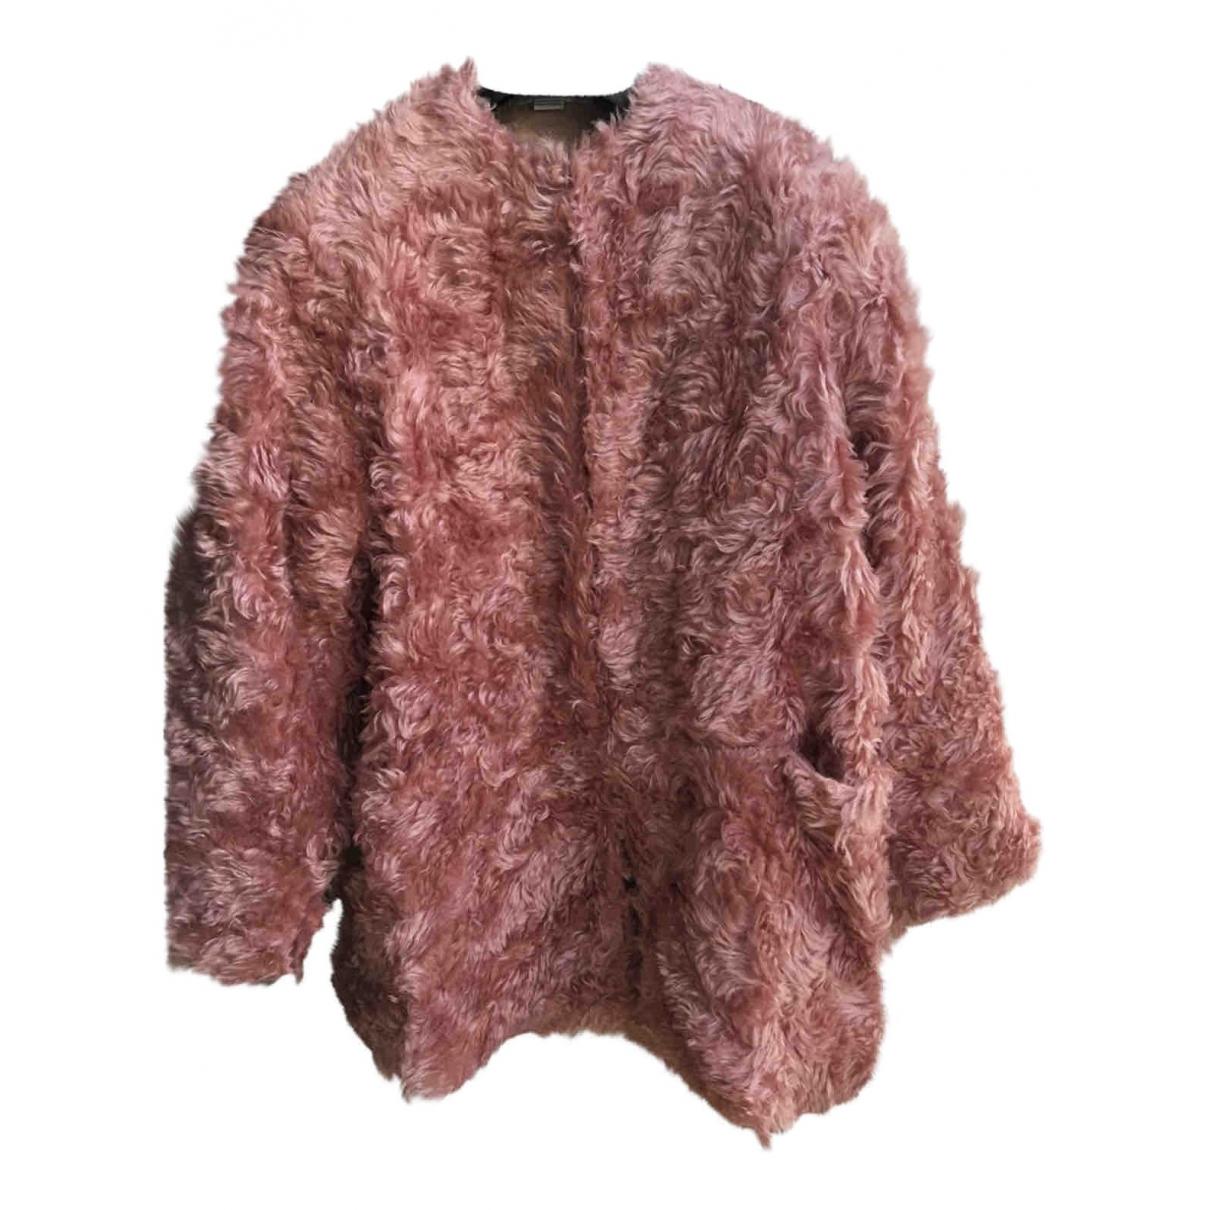 Stella Mccartney - Manteau   pour femme en fourrure synthetique - rose